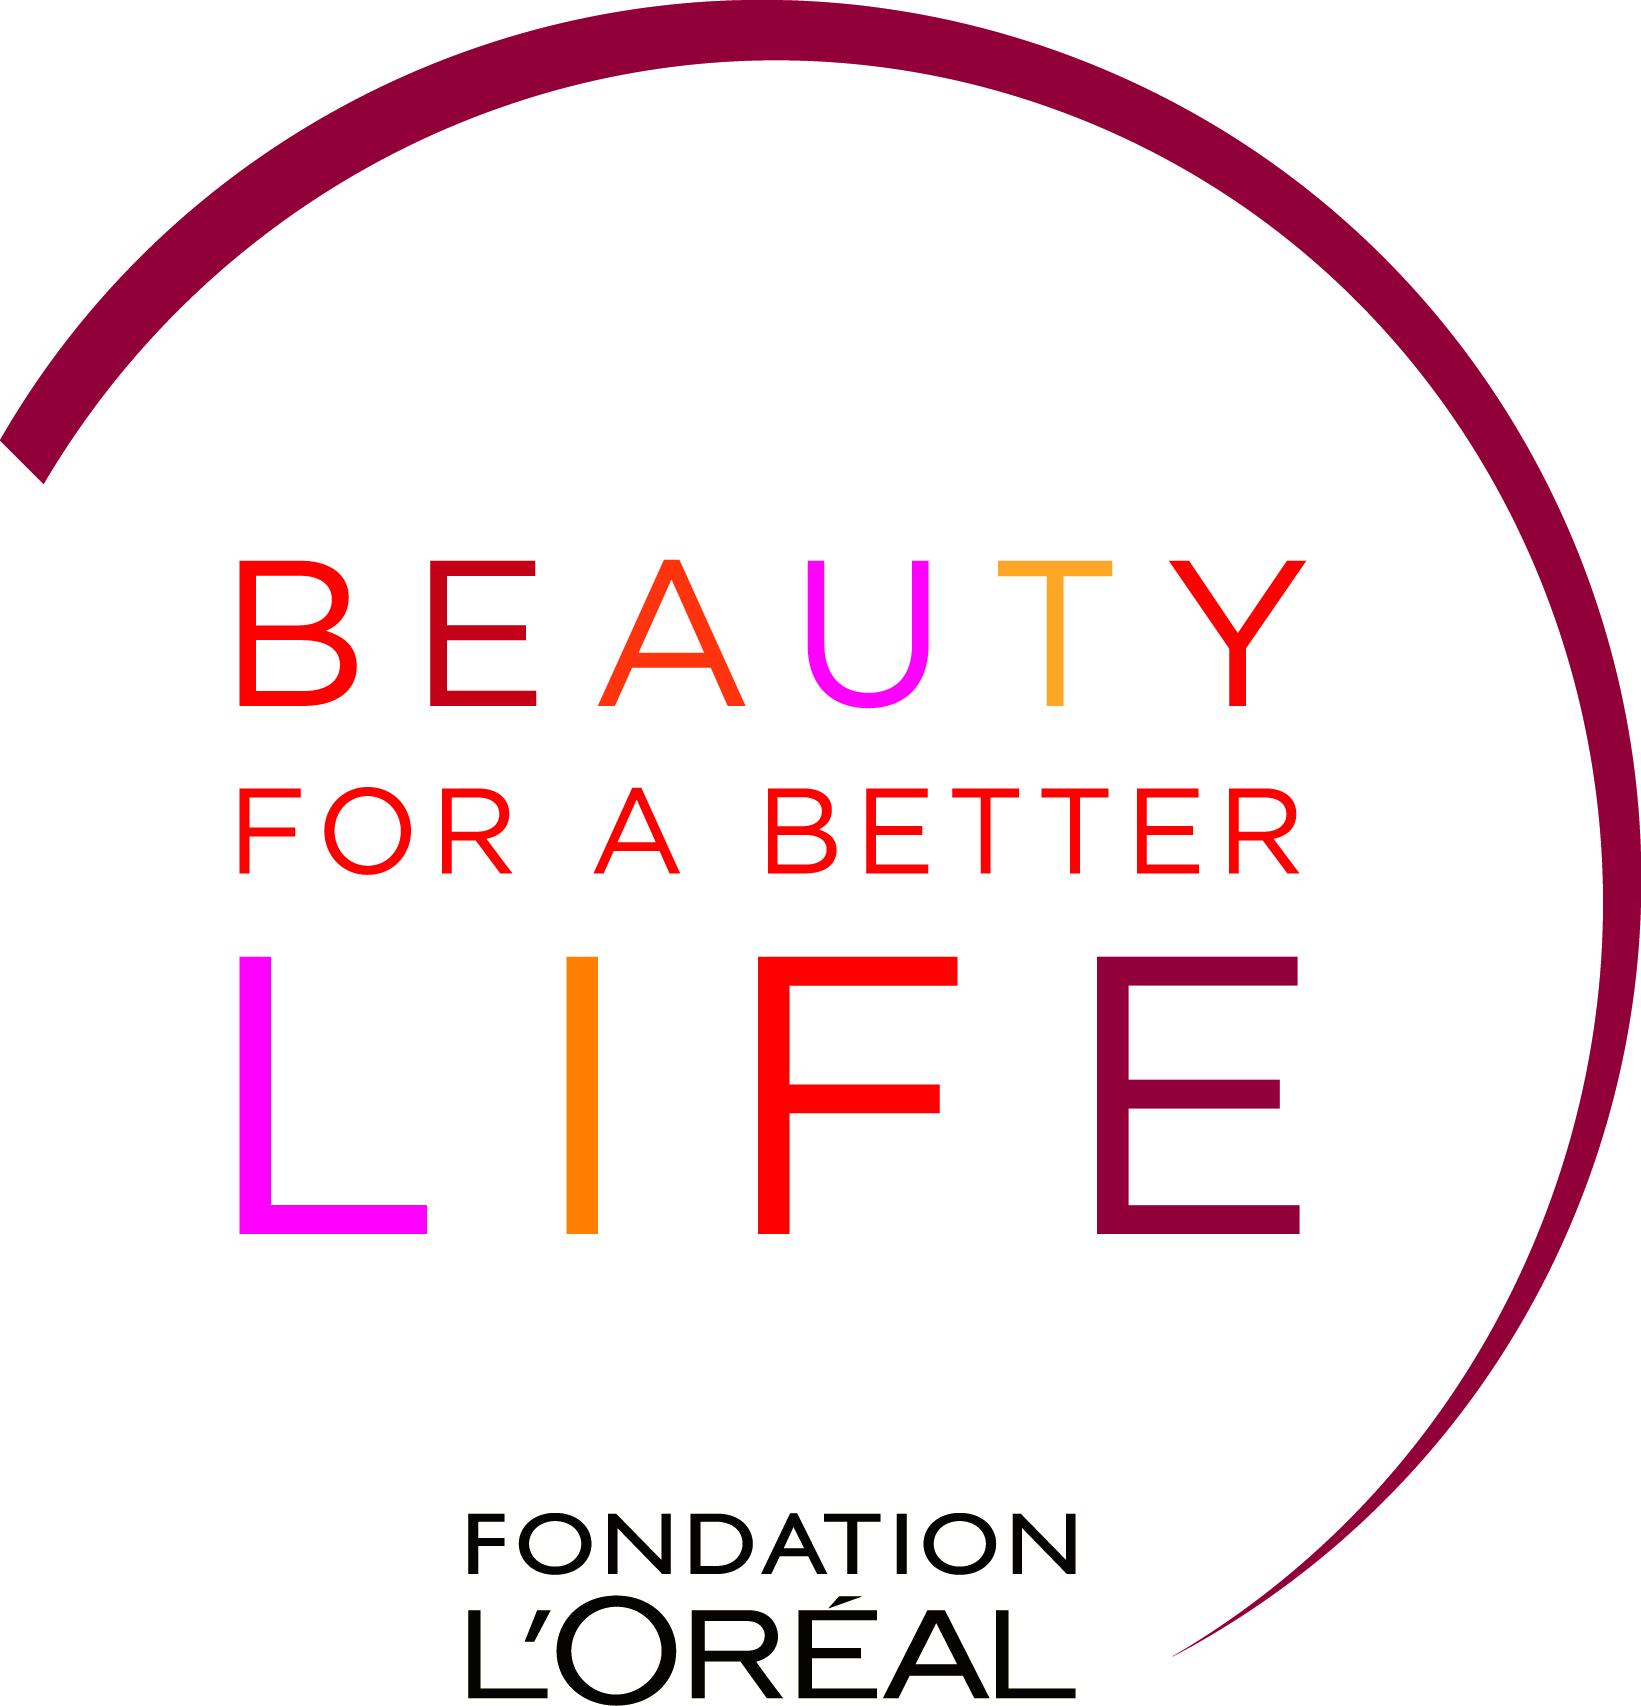 """La Fondation L'Oréal, soutien du CAP Coiffure du Lycée dans son Programme """"Beauty for a better life"""""""